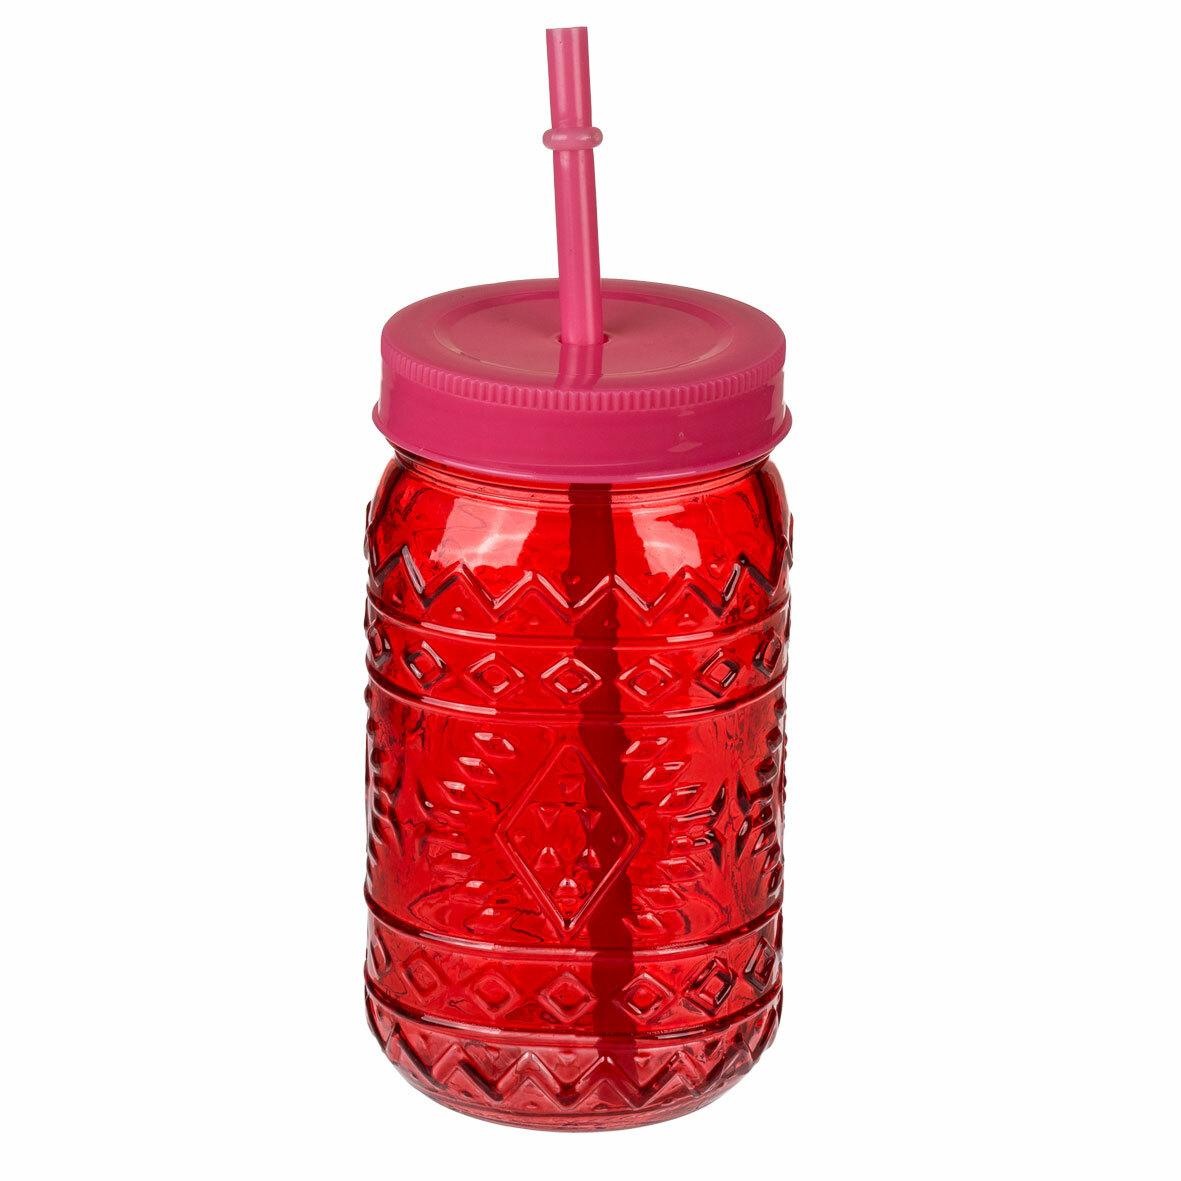 Банка-джар с соломинкой Vintage 470 мл., красный